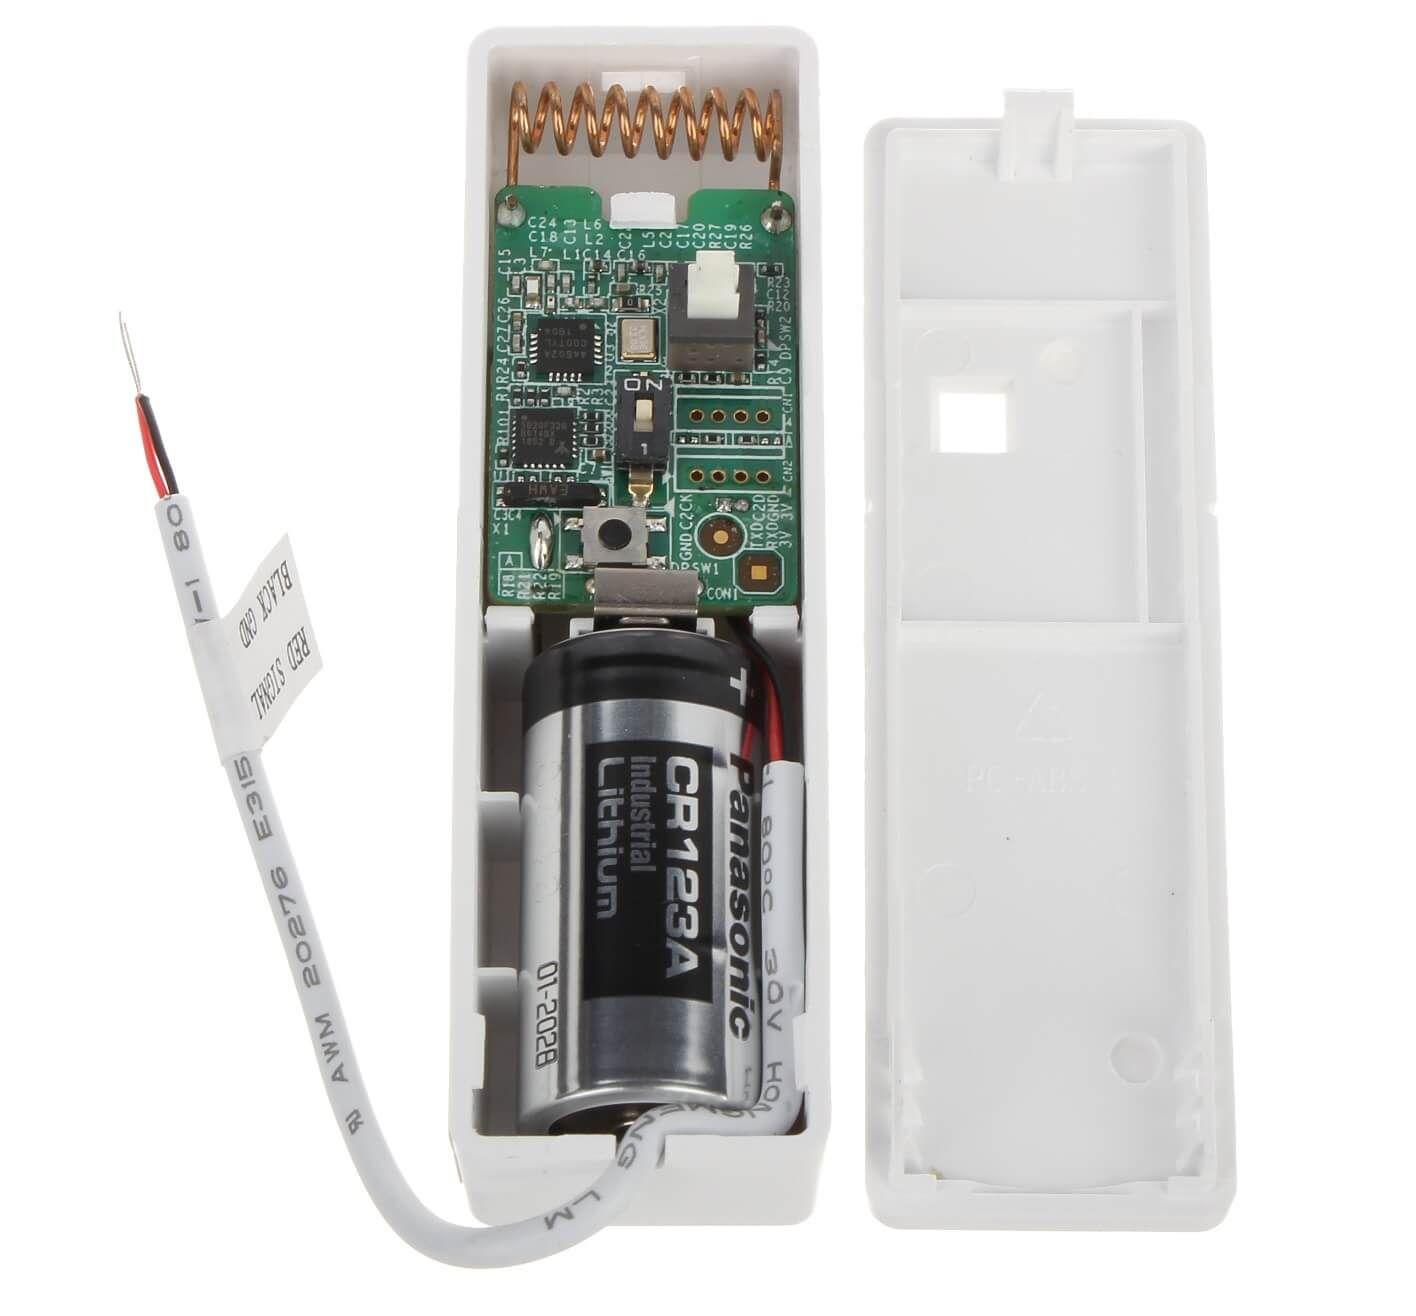 Chi tiết bộ chuyển đổi có dây thành không dây Hikvision DS-PM-WI1